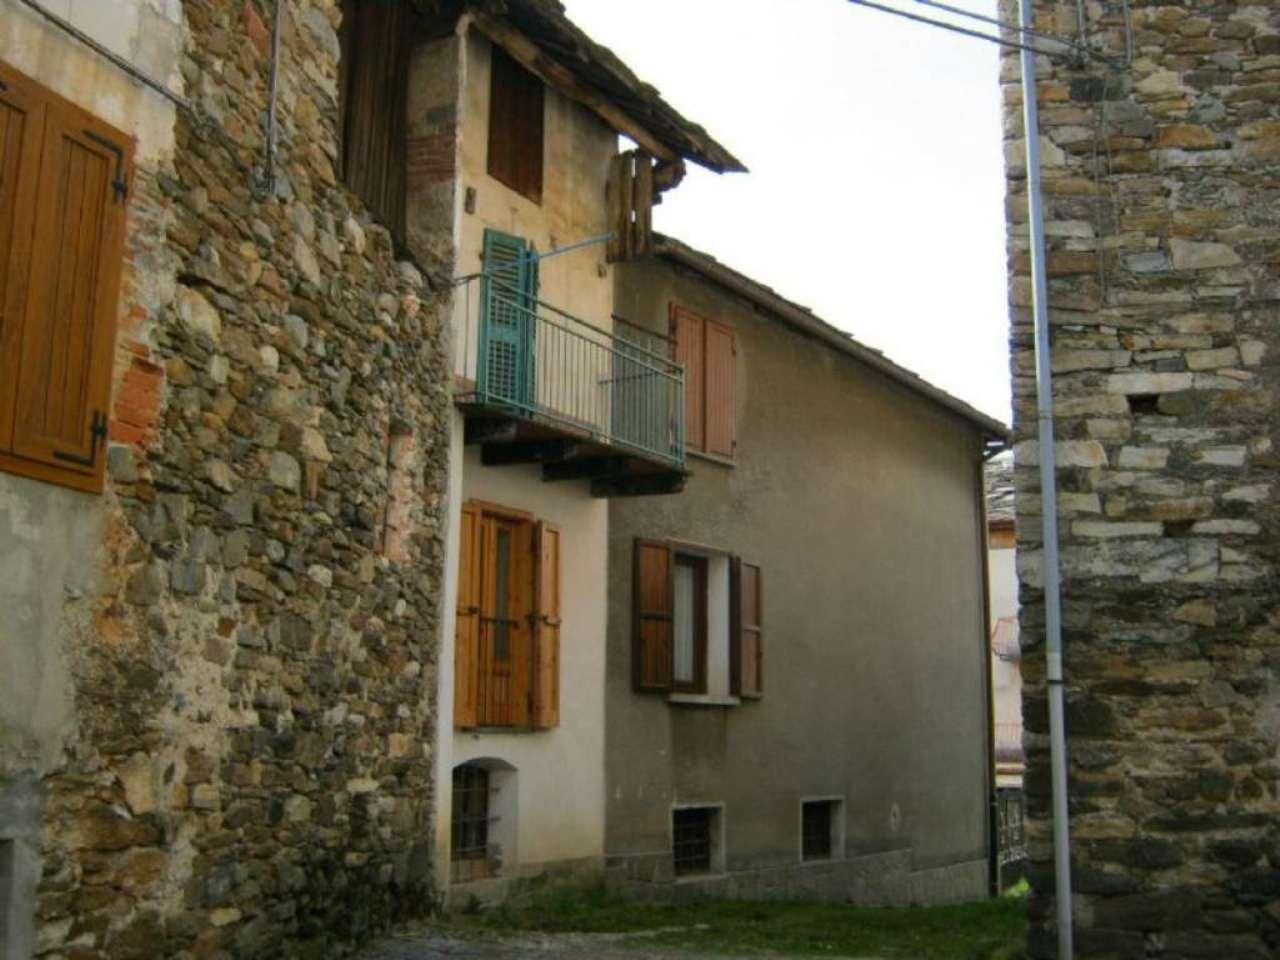 Rustico / Casale in vendita a Rueglio, 6 locali, prezzo € 40.000 | CambioCasa.it